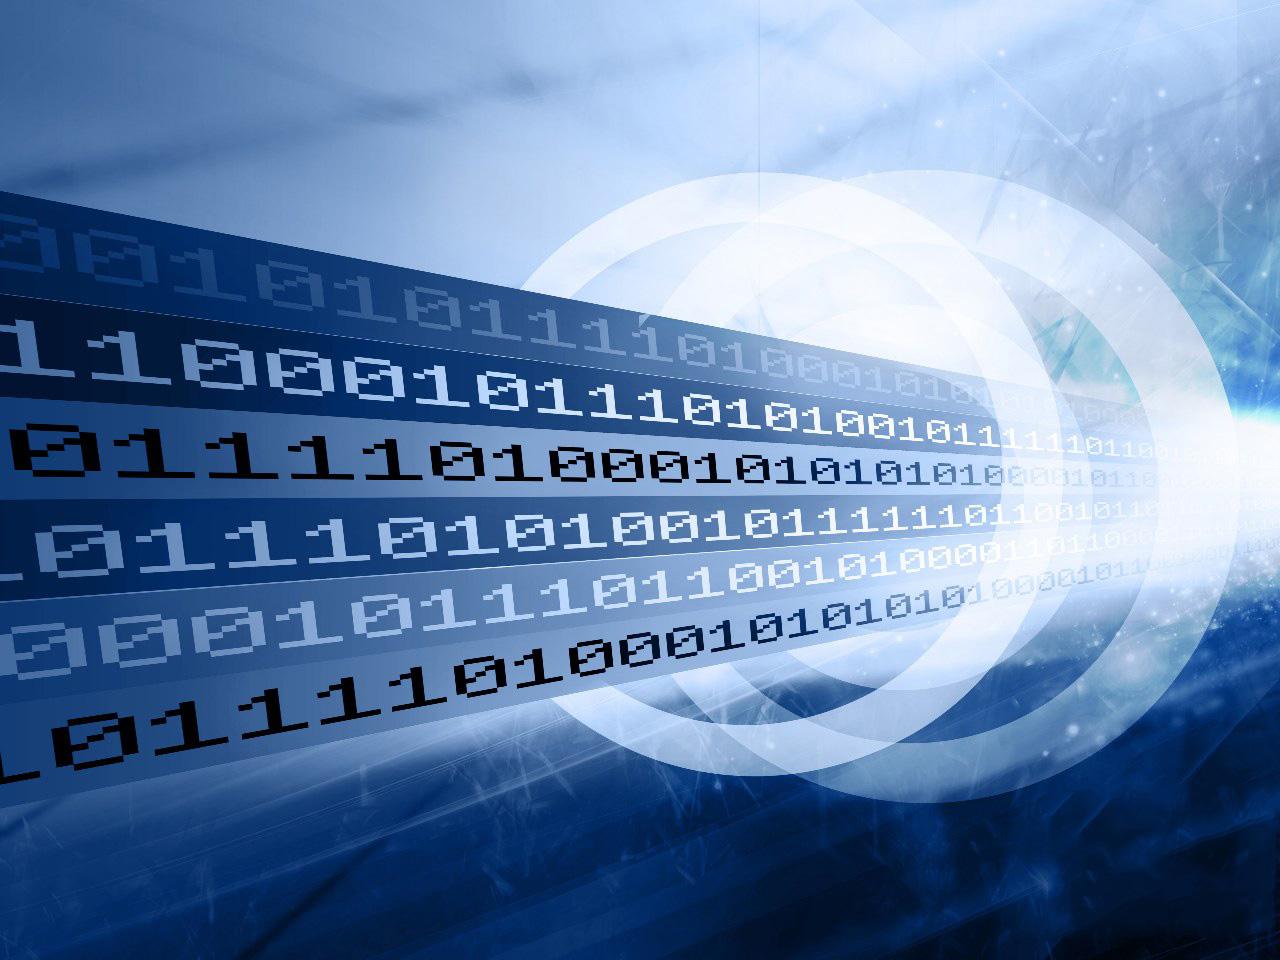 /////////هدف شبکه ملی اطلاعات چیست؟